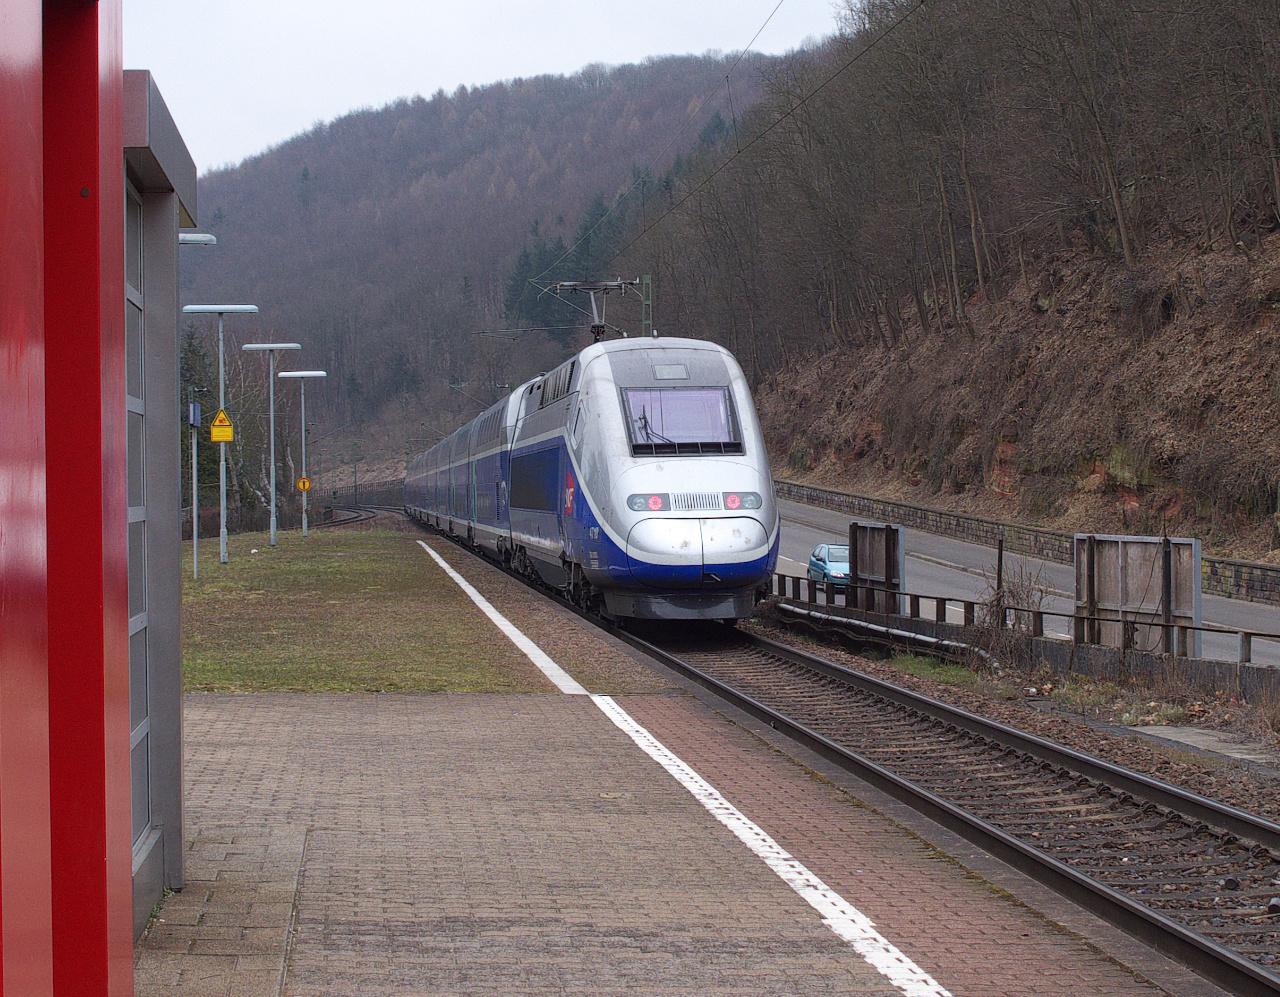 Ein TGV Duplex fährt über die Dörfer....II